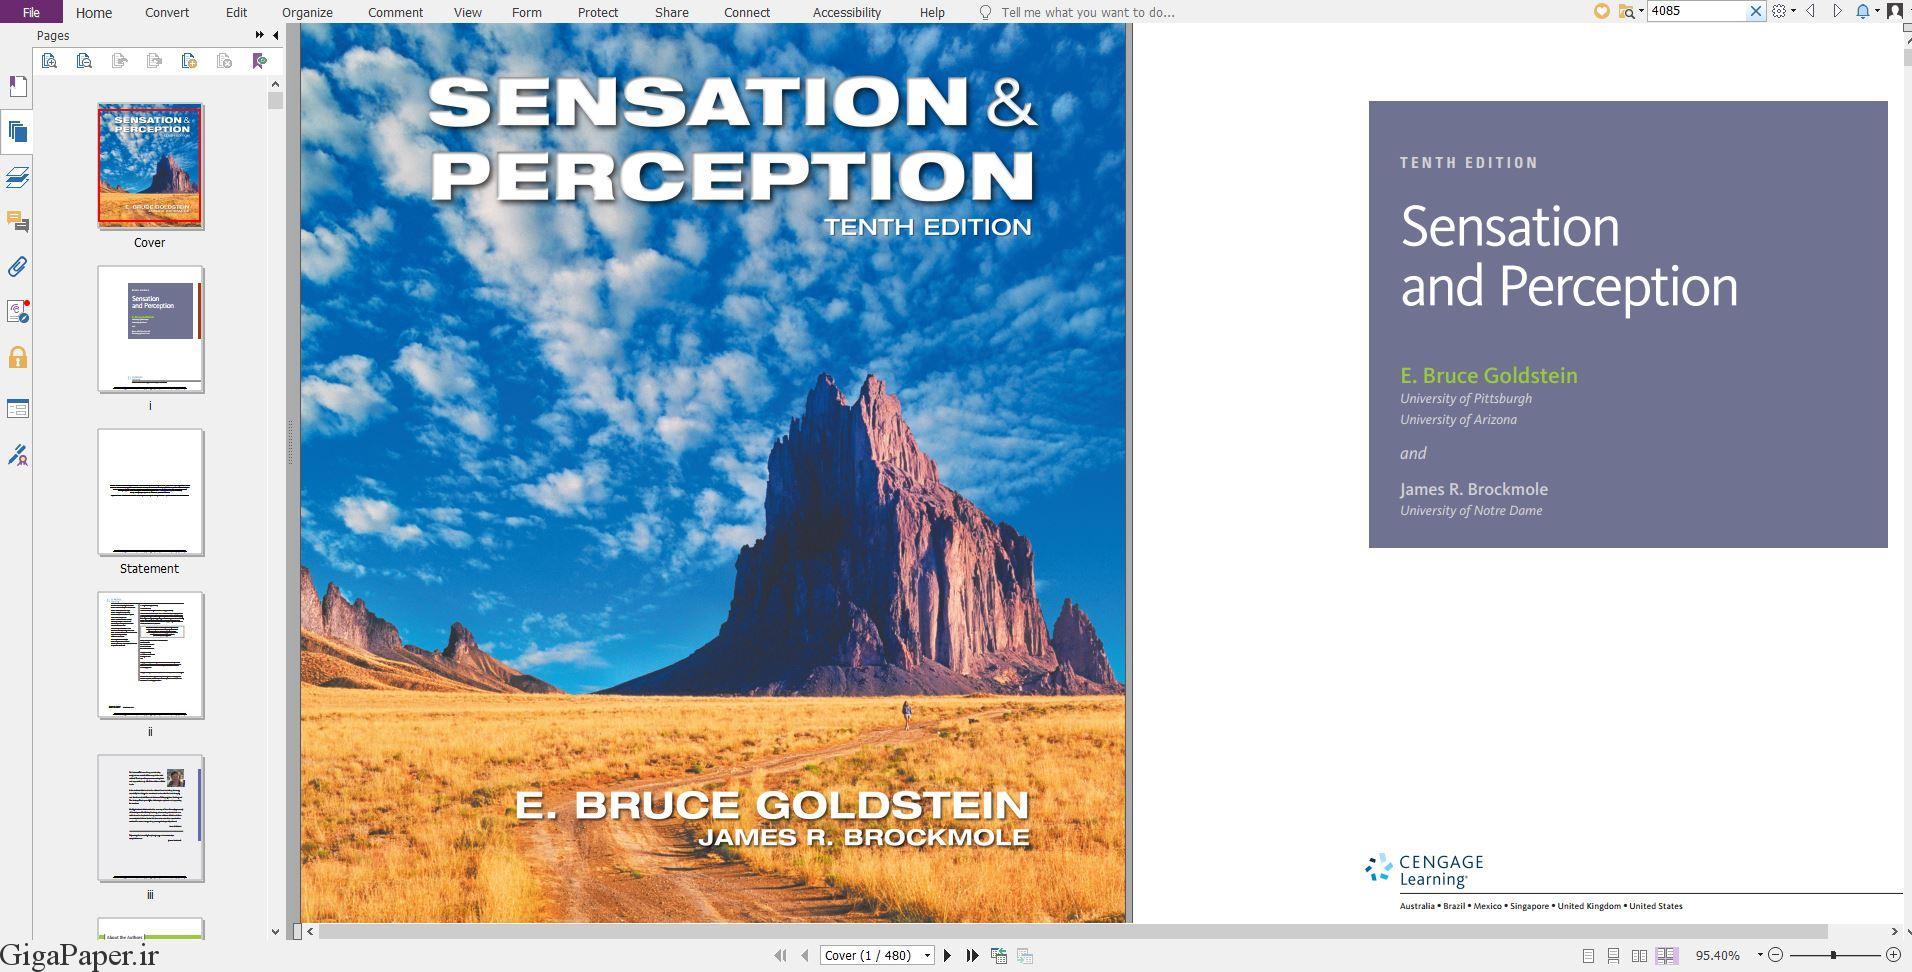 خرید کتاب زبان اصلی خرید کتاب از امازون amazon.com ، گوگل بوکز دانلود کتاب خارجی Sensation and Perception 10th Edition دانلود کتاب Sensation and Perception